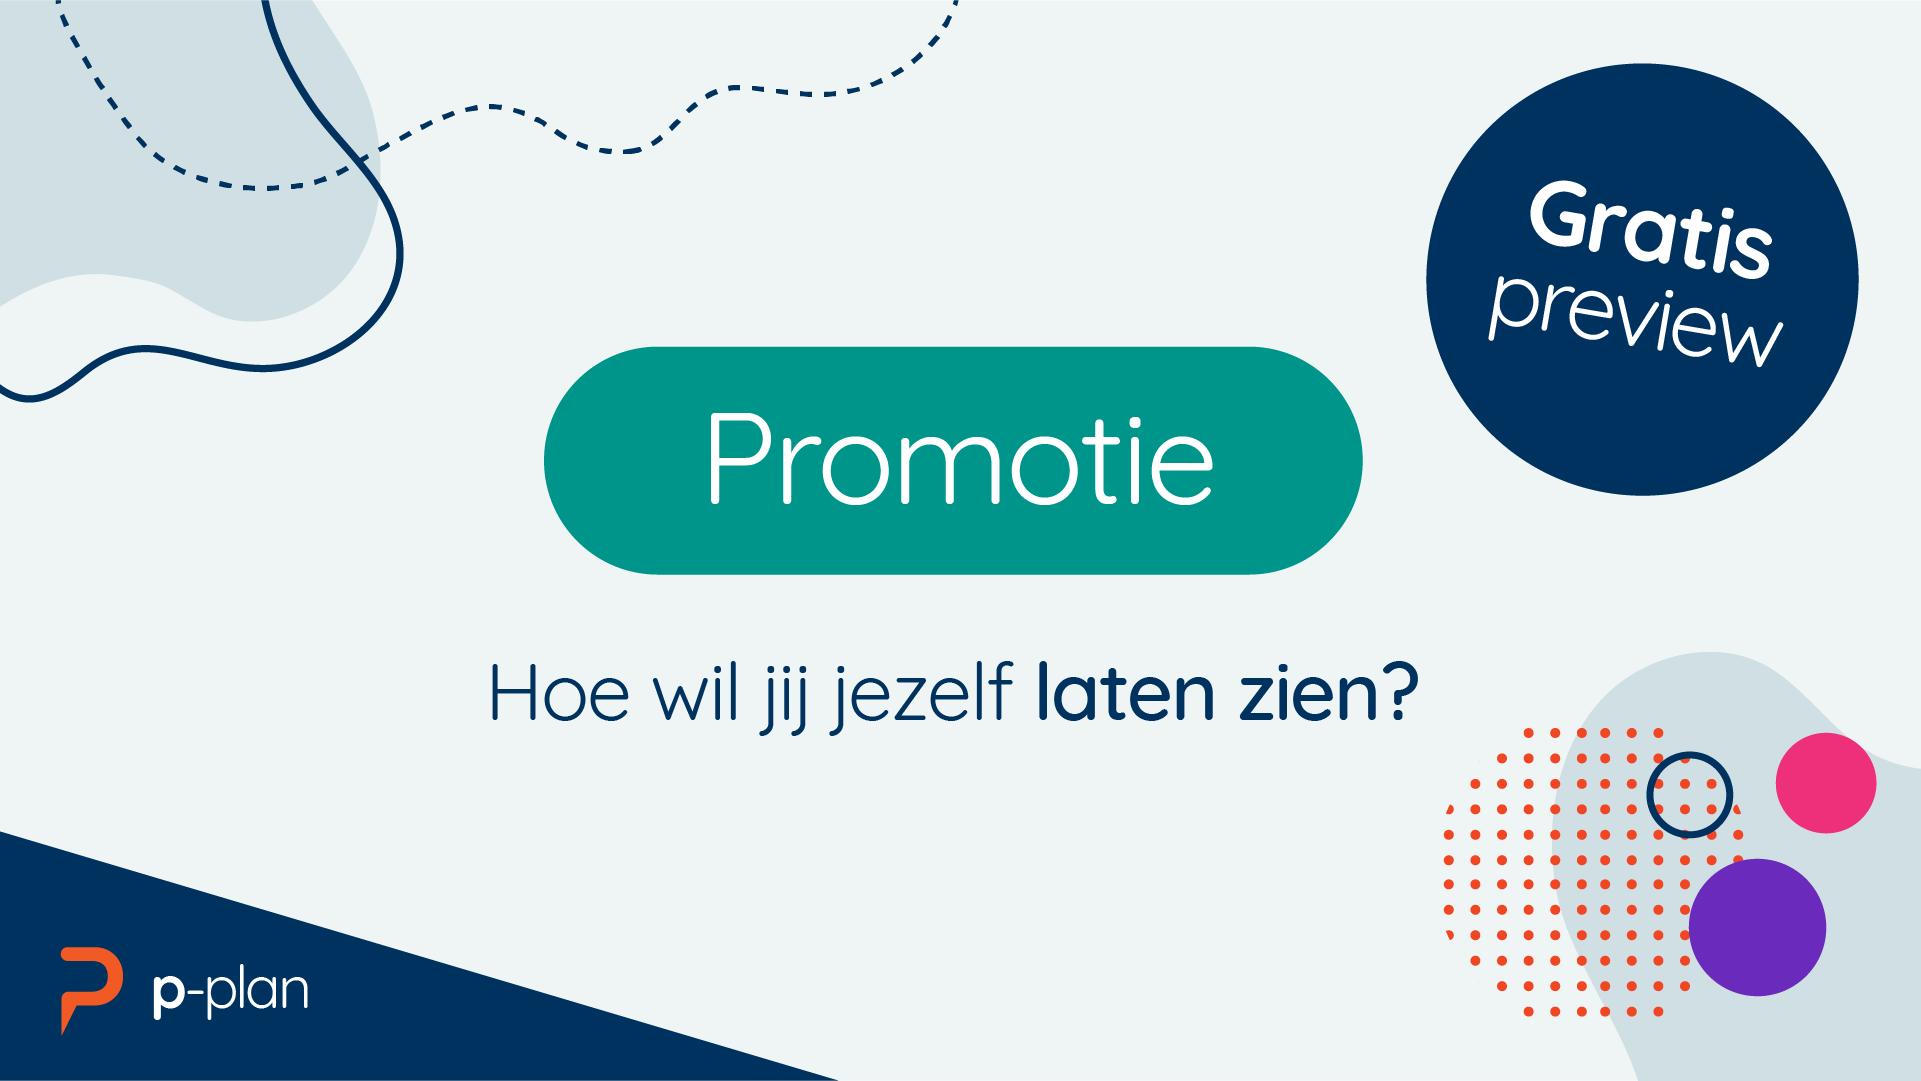 Deze gratis preview les gaat over promotie; hoe wil jij jezelf laten zien?